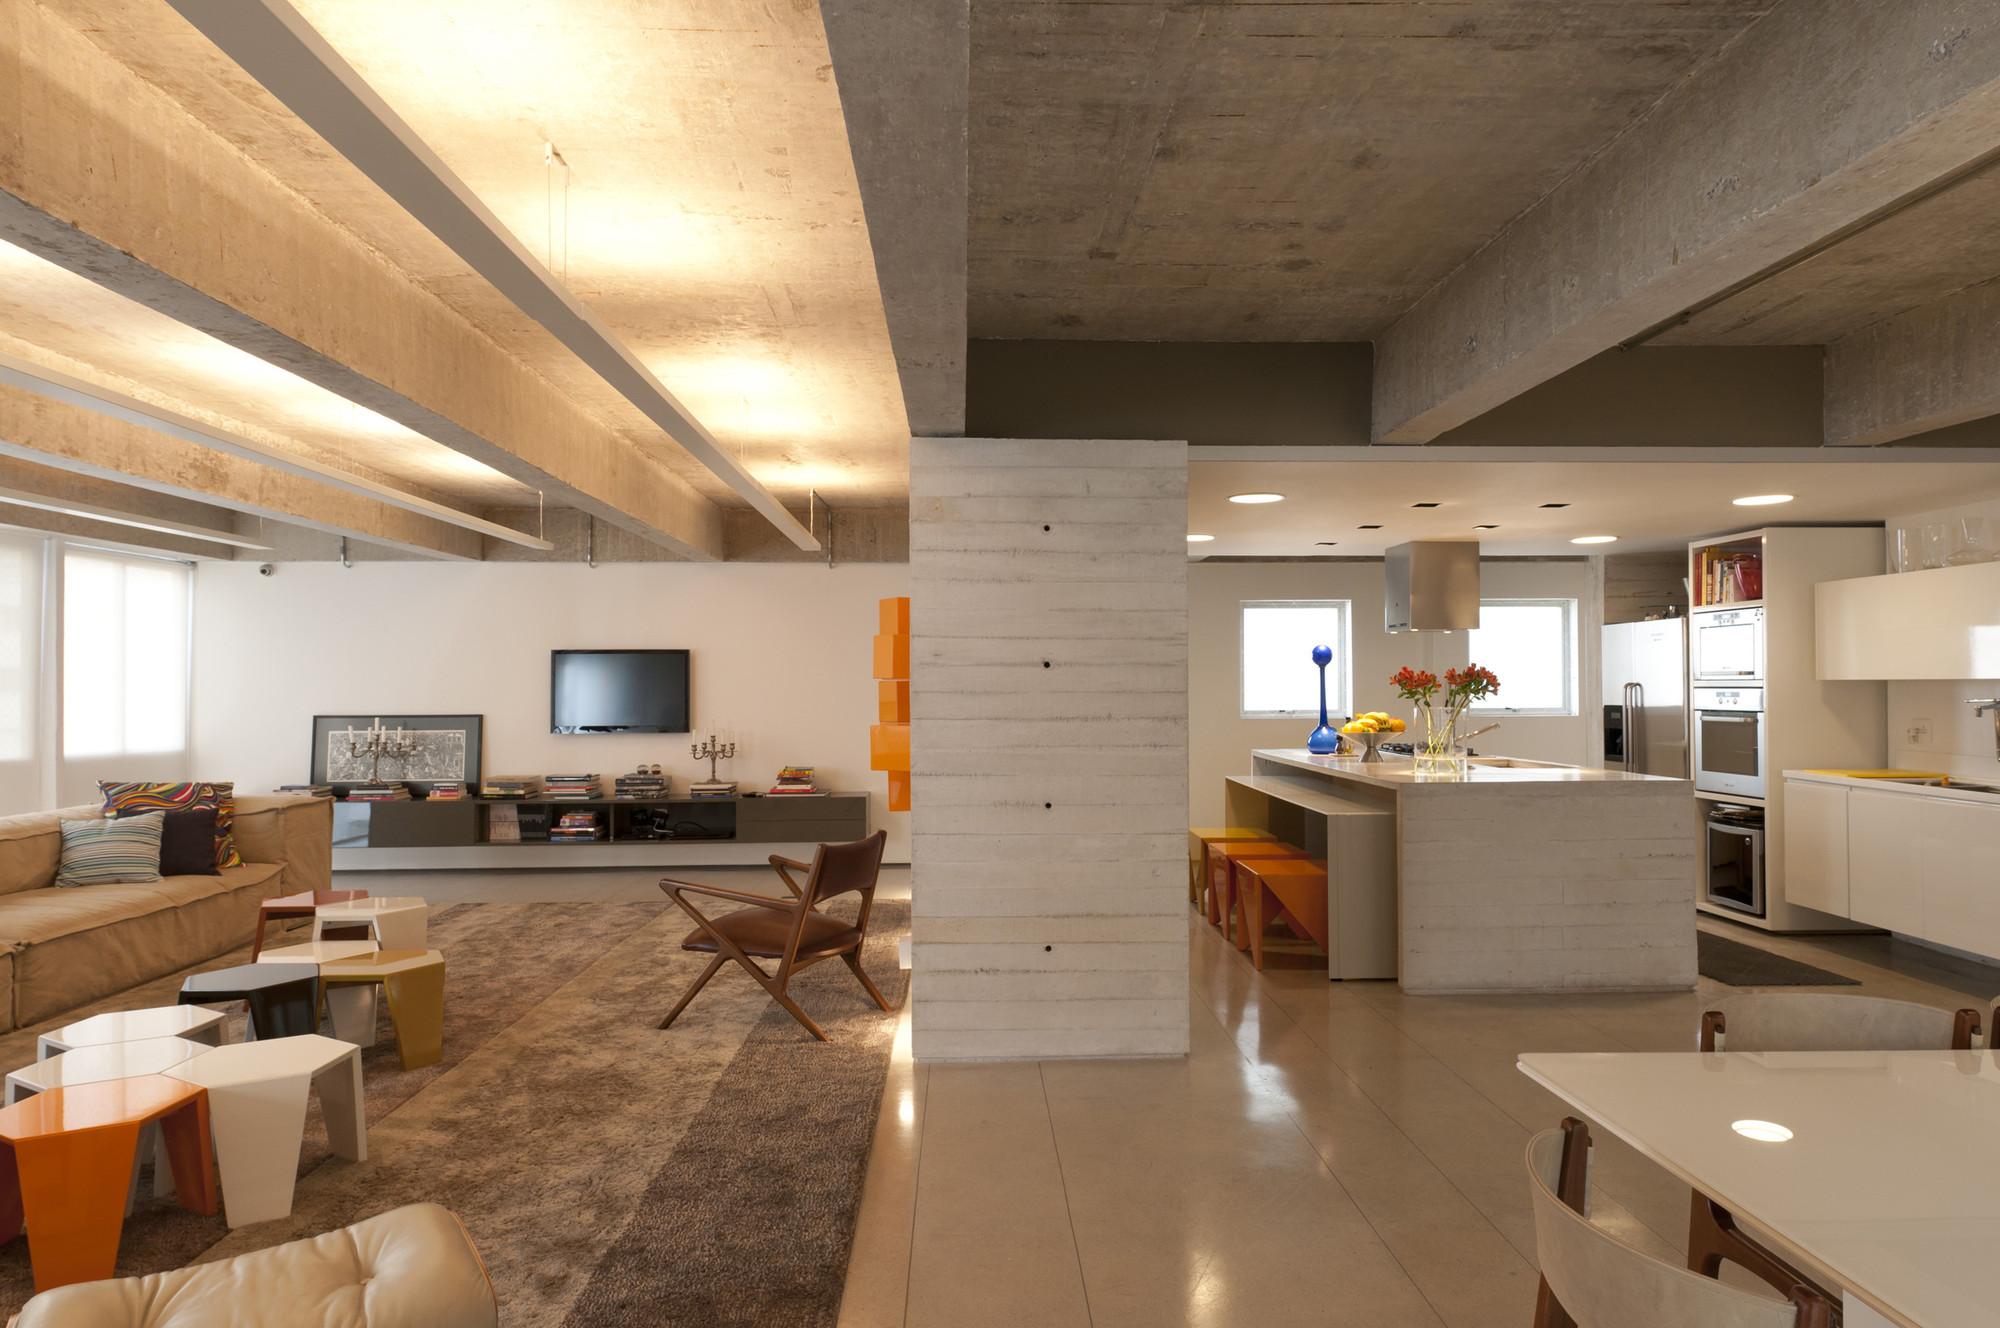 Apartamento Barão de Pirapitingui / Felipe Rodrigues Arquiteto, © Raul Fonseca